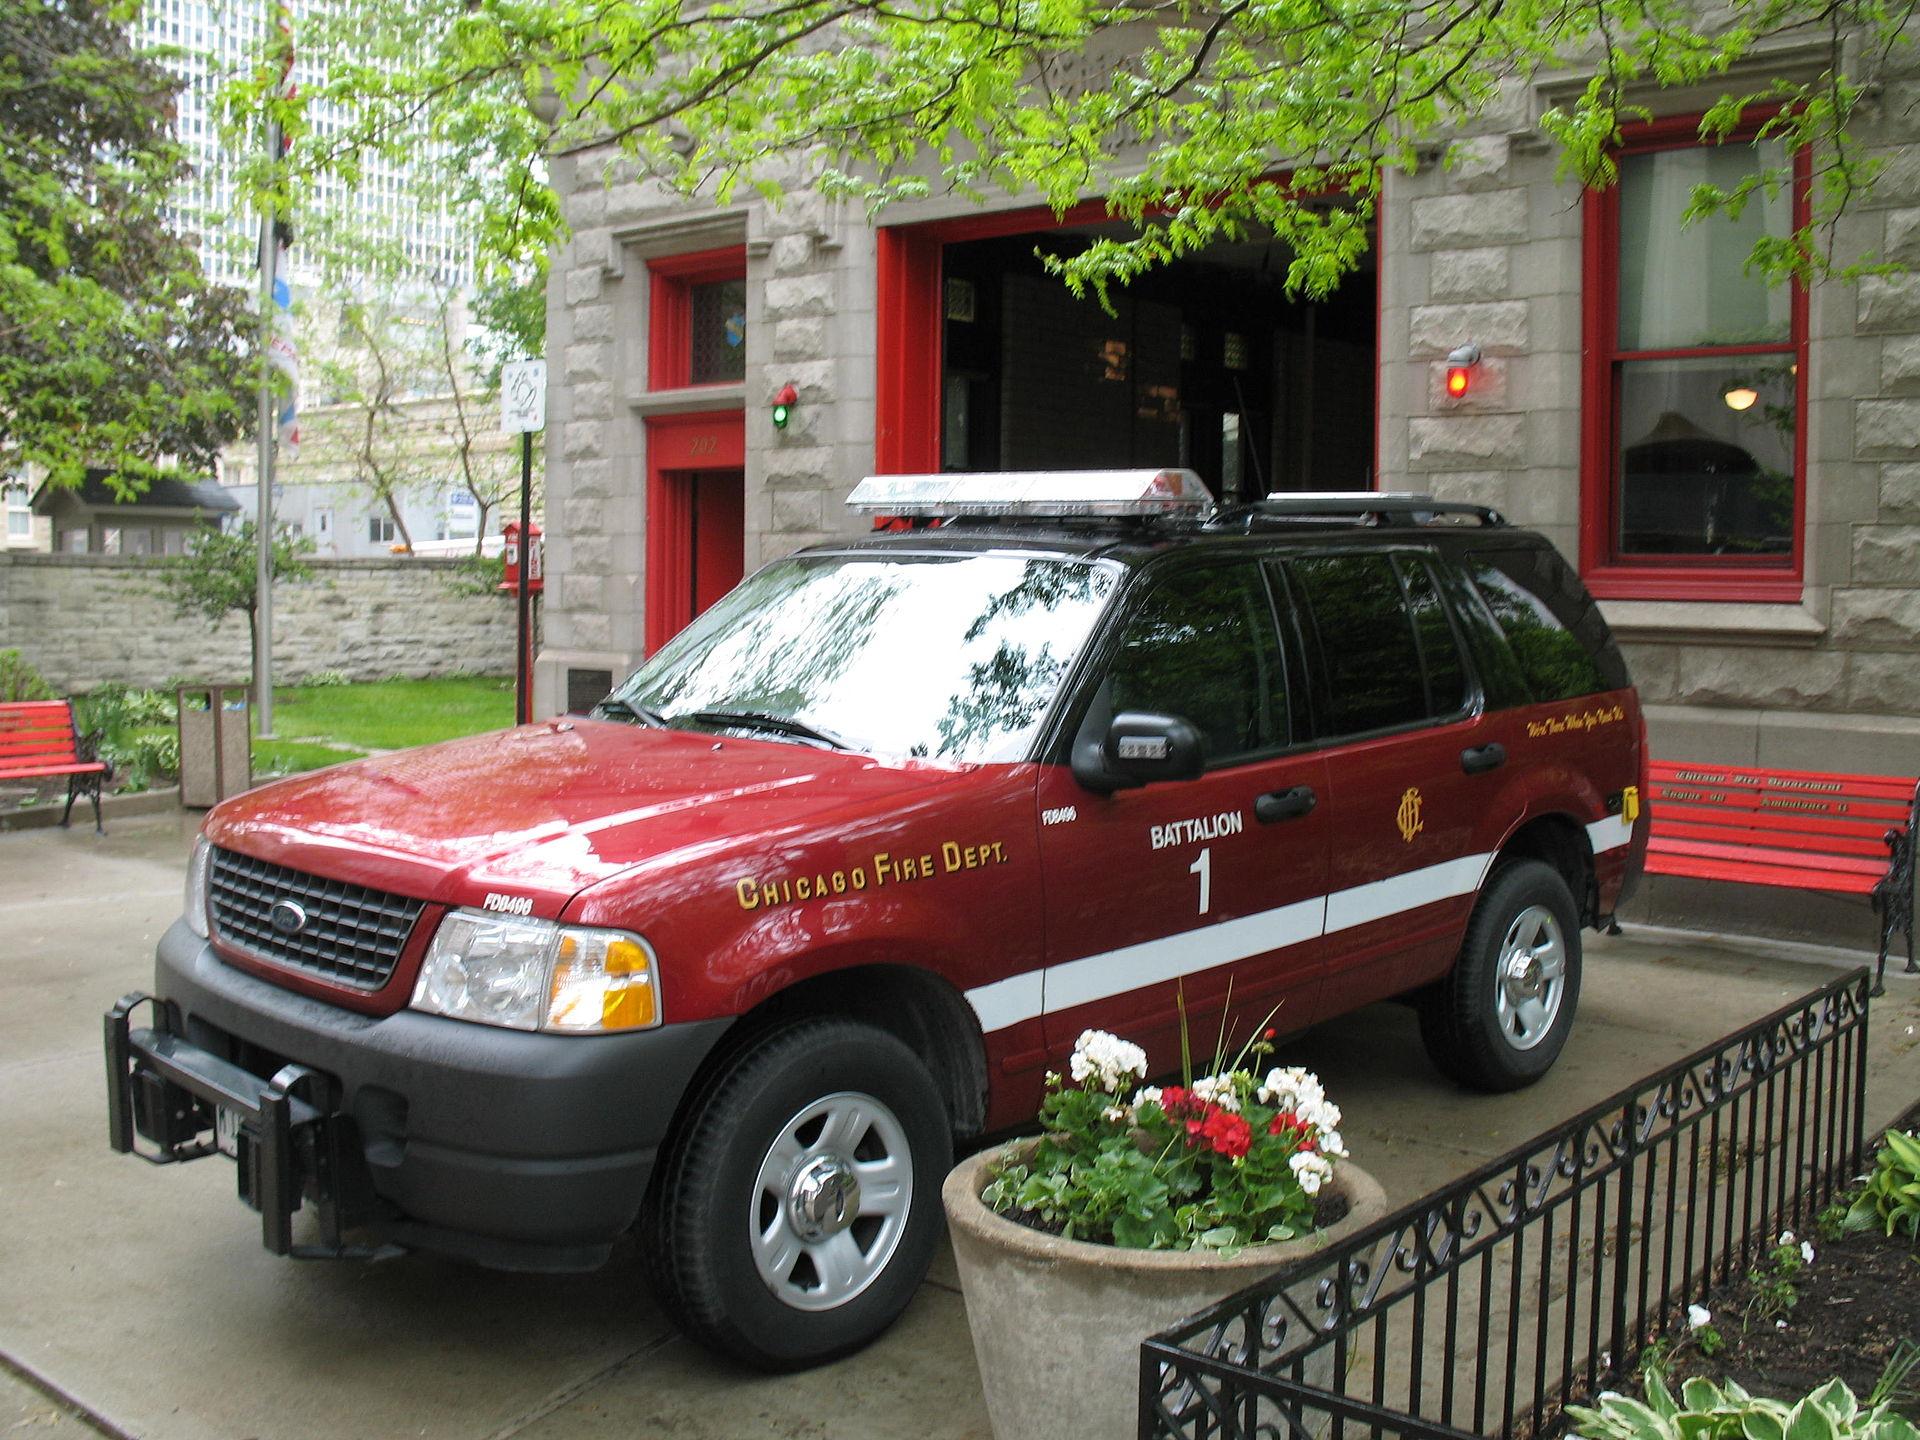 The Chicago Firehouse Restaurant